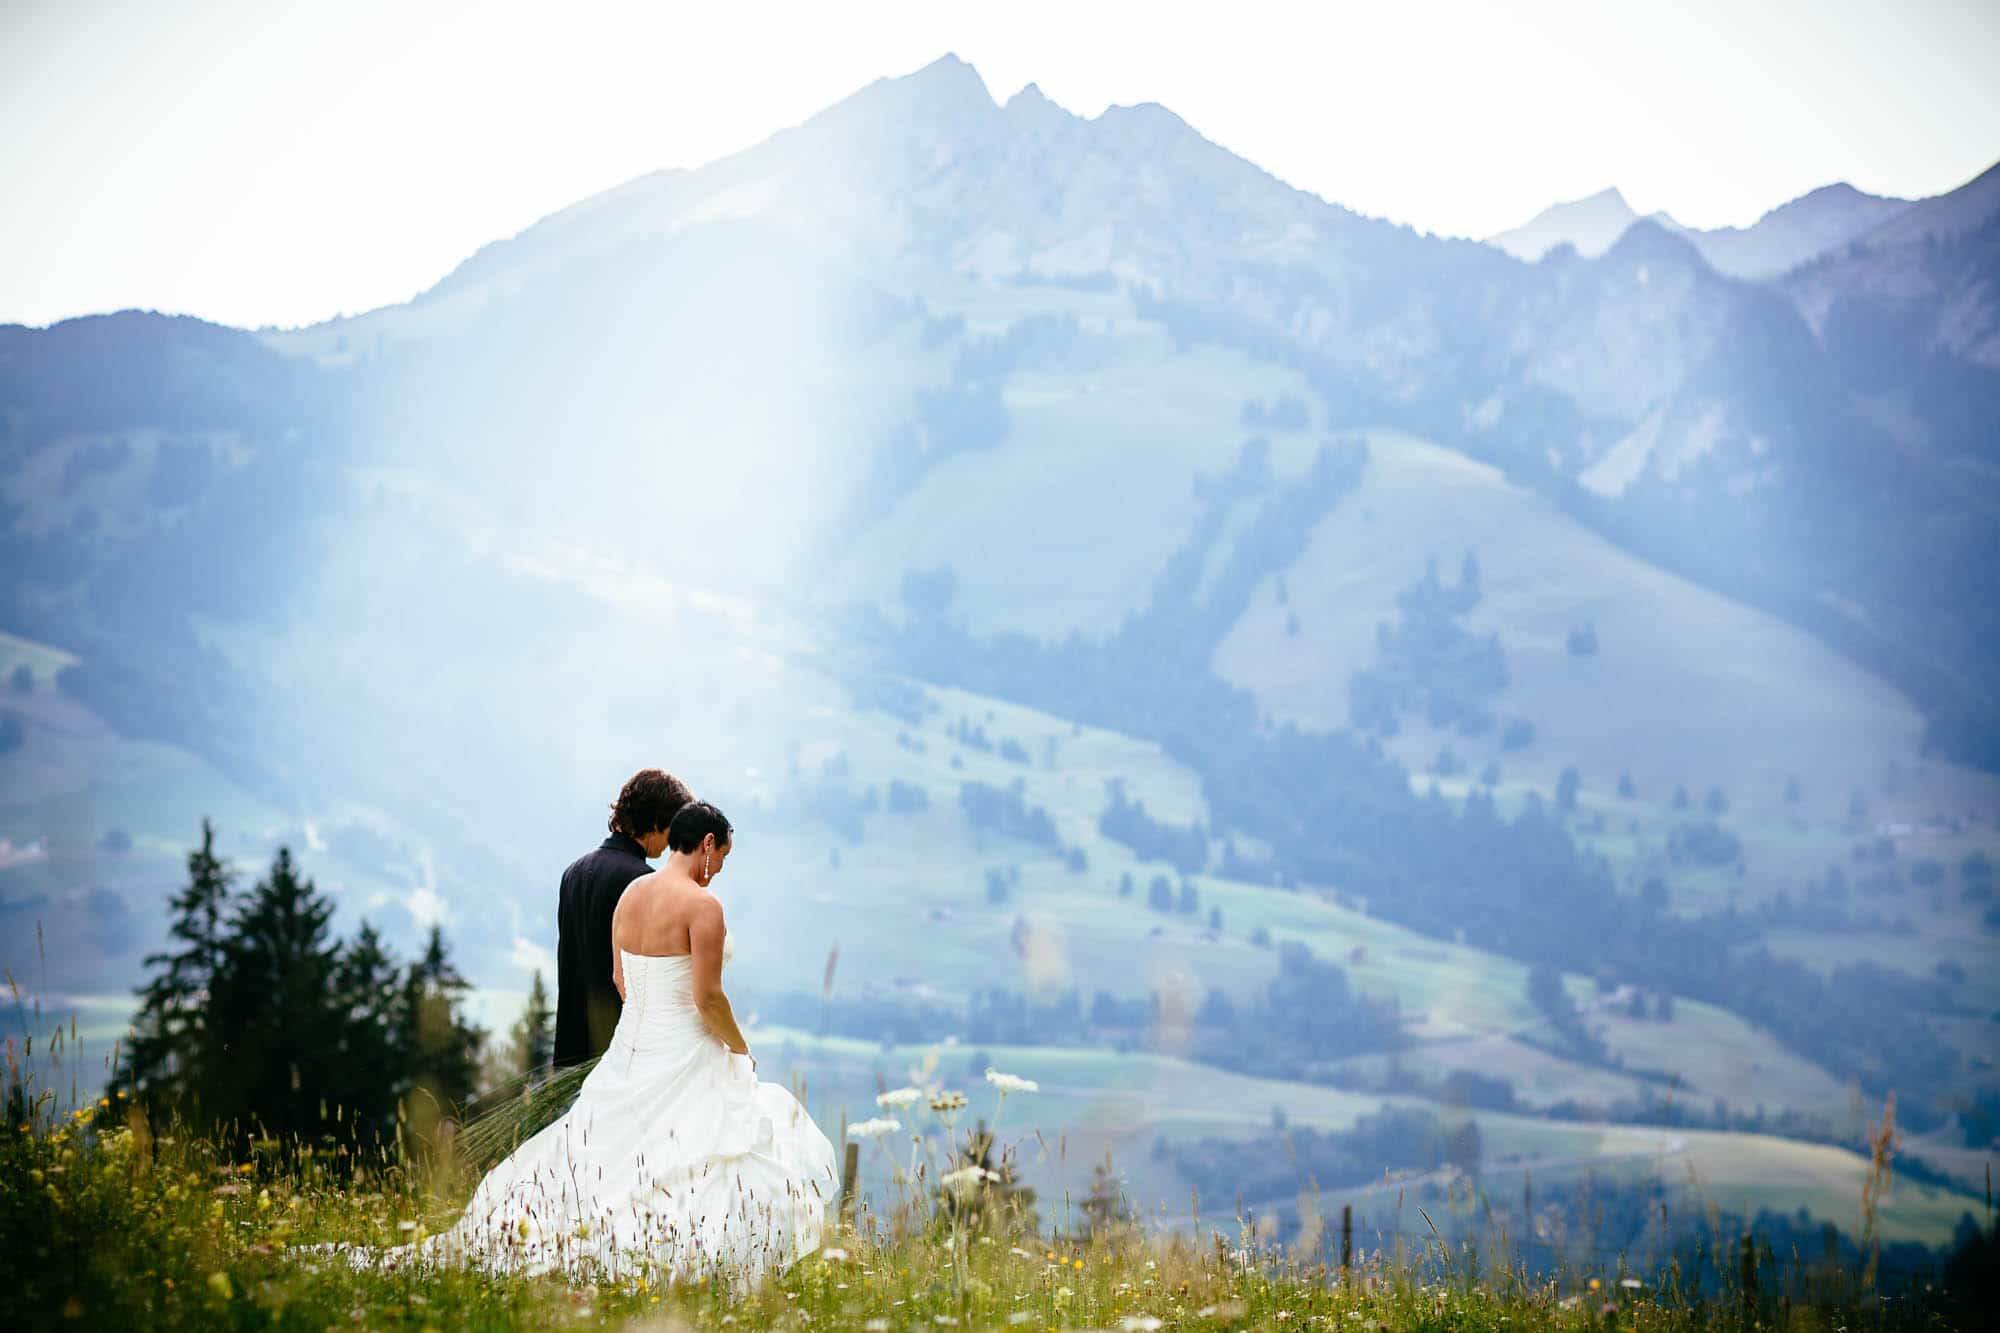 Brautpaarfotos auf einer Alpwiese mit Berg im Hintergrund